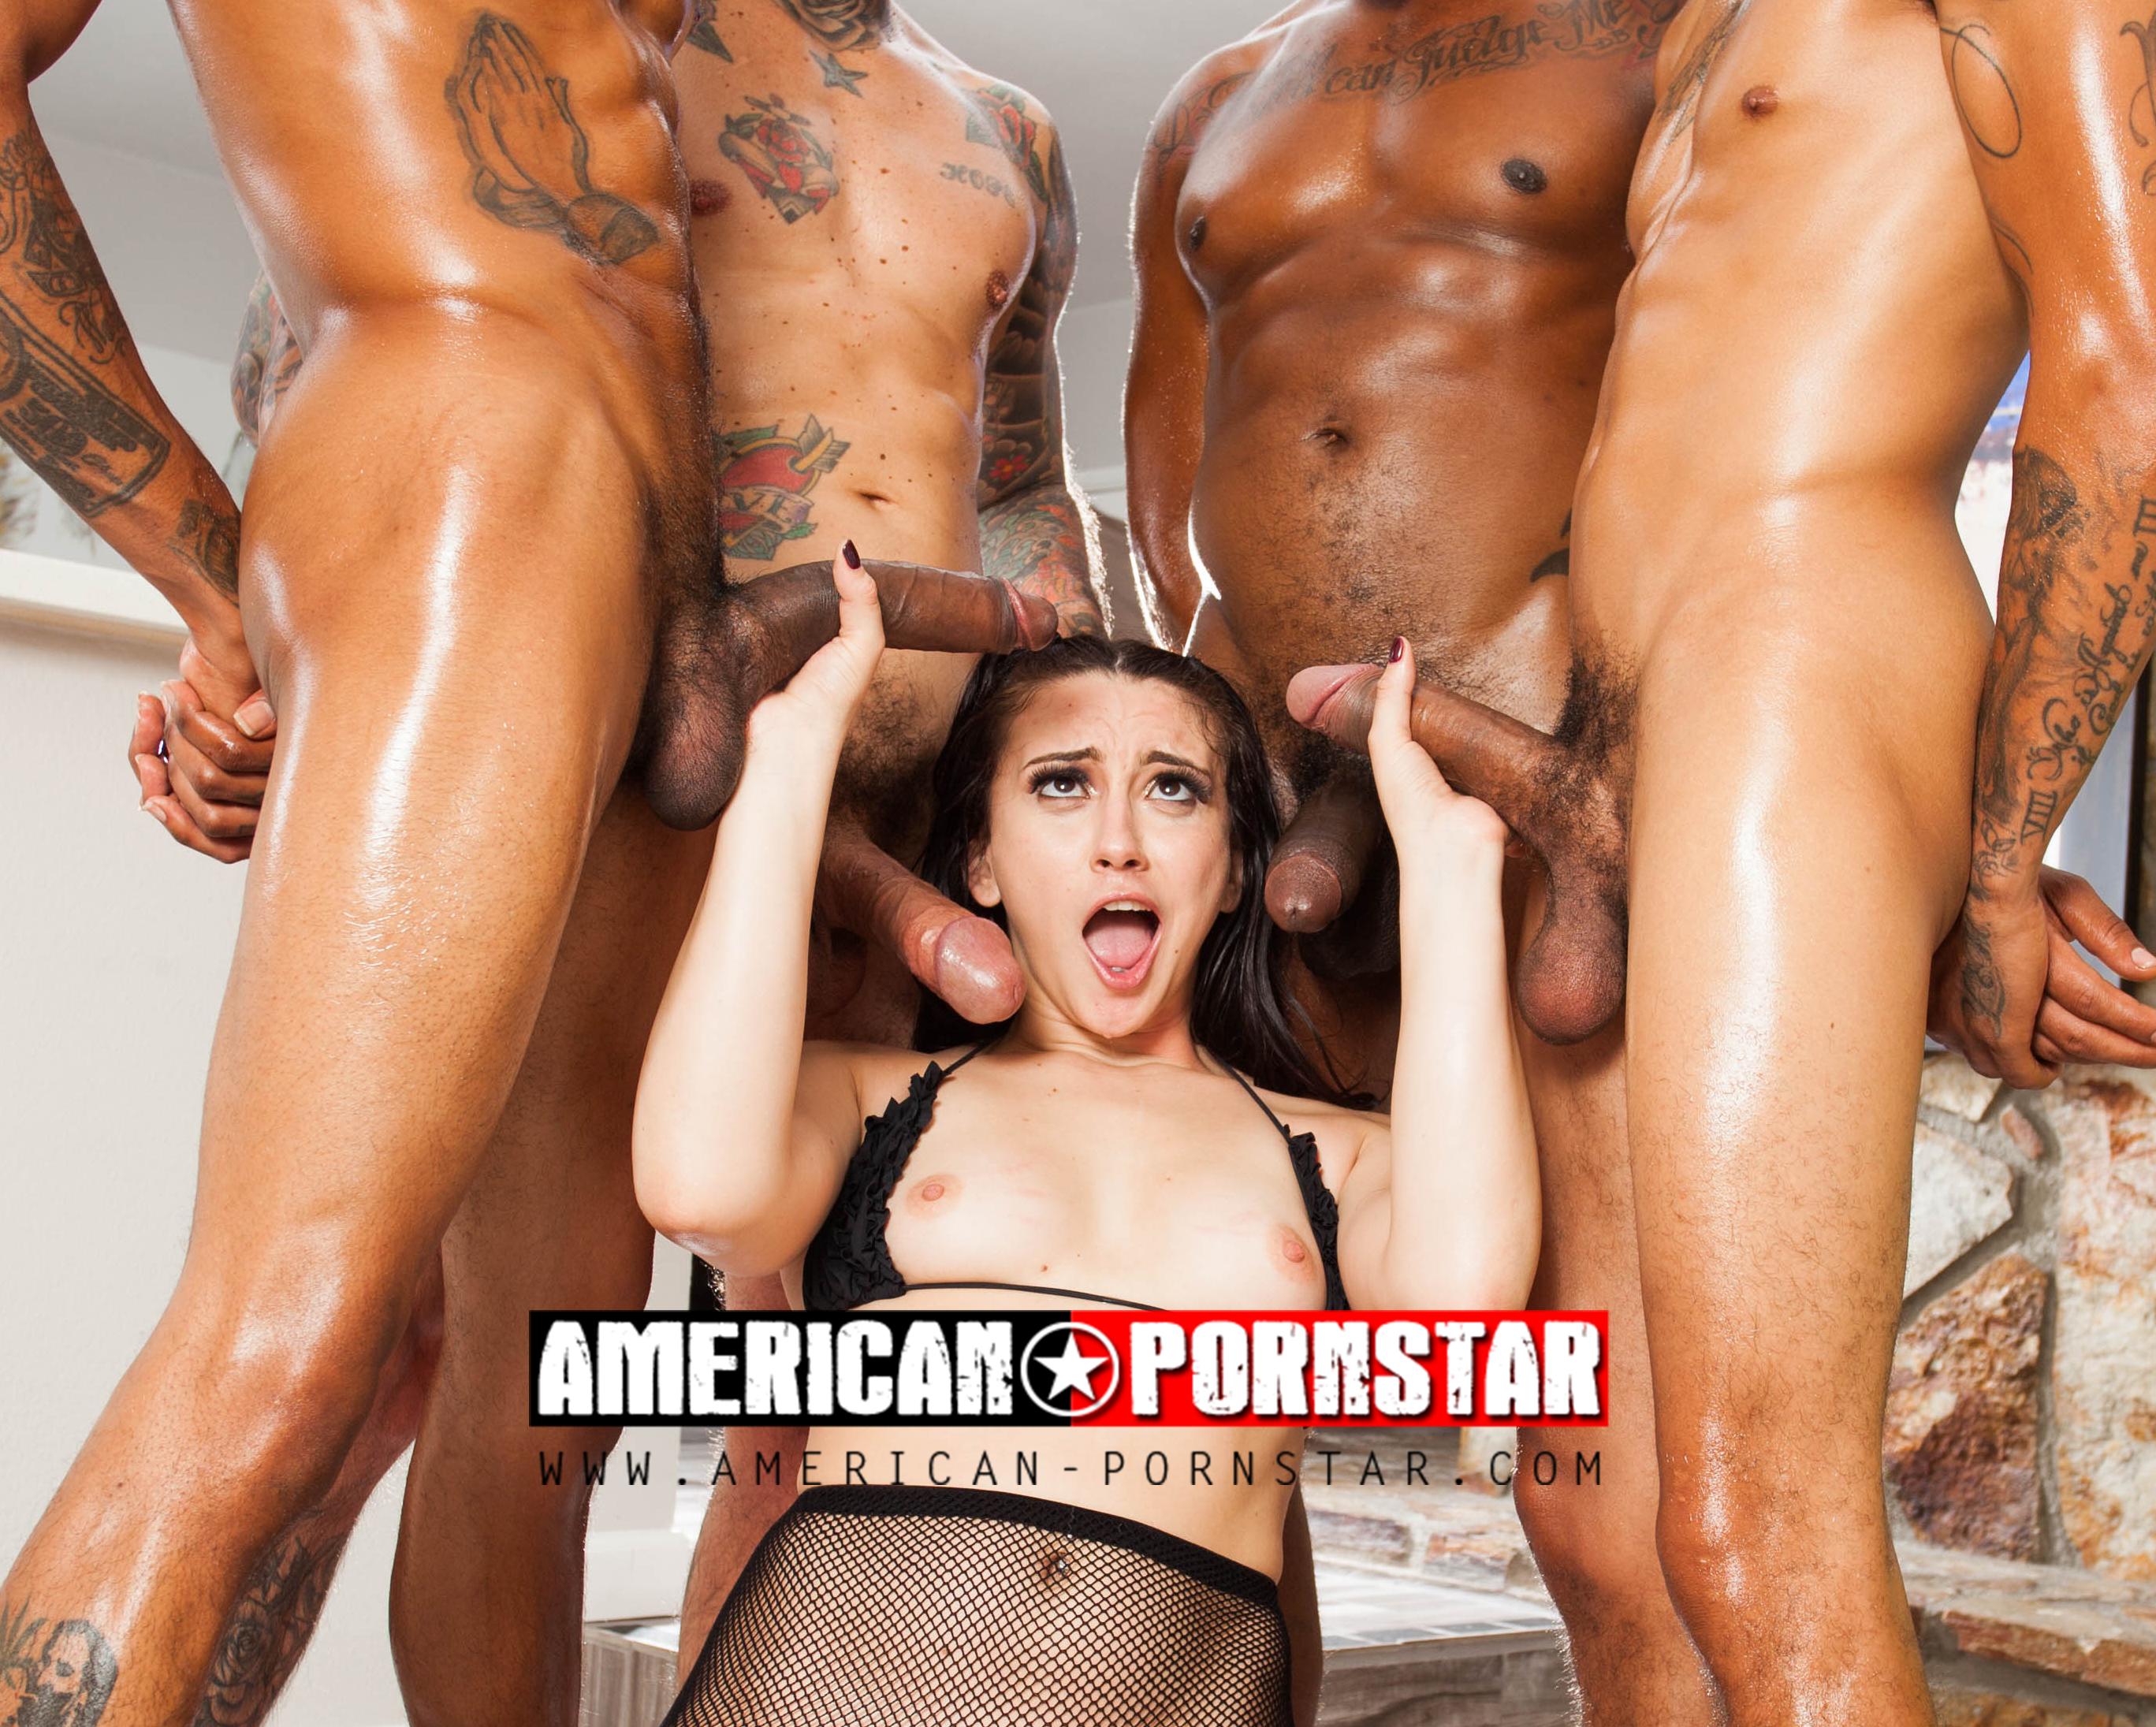 mandy muse - american-pornstar